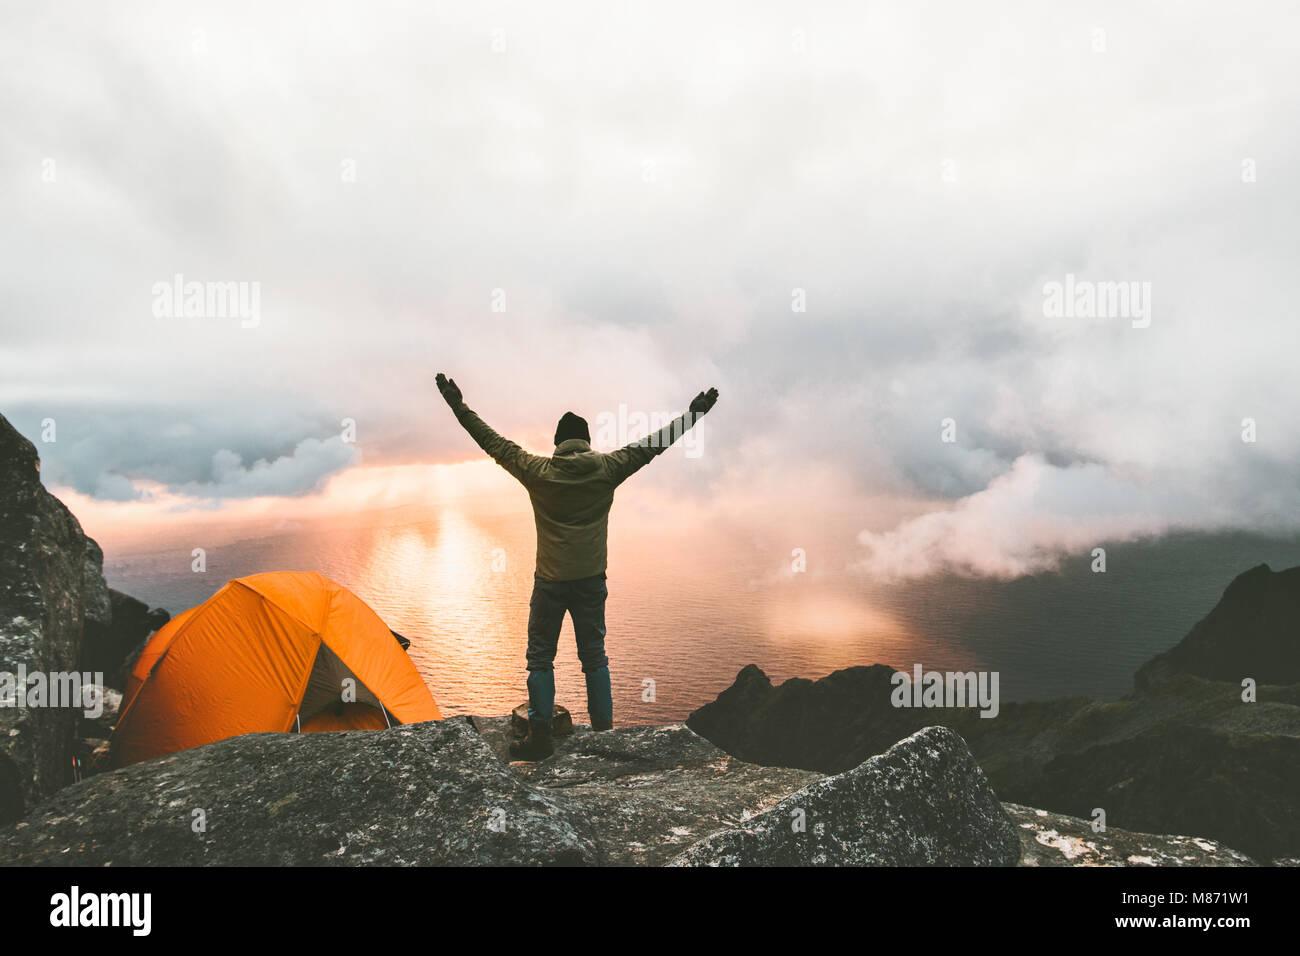 L'homme heureux voyageur mains soulevées en montagne près de la tente camping outdoor Travel adventure Photo Stock